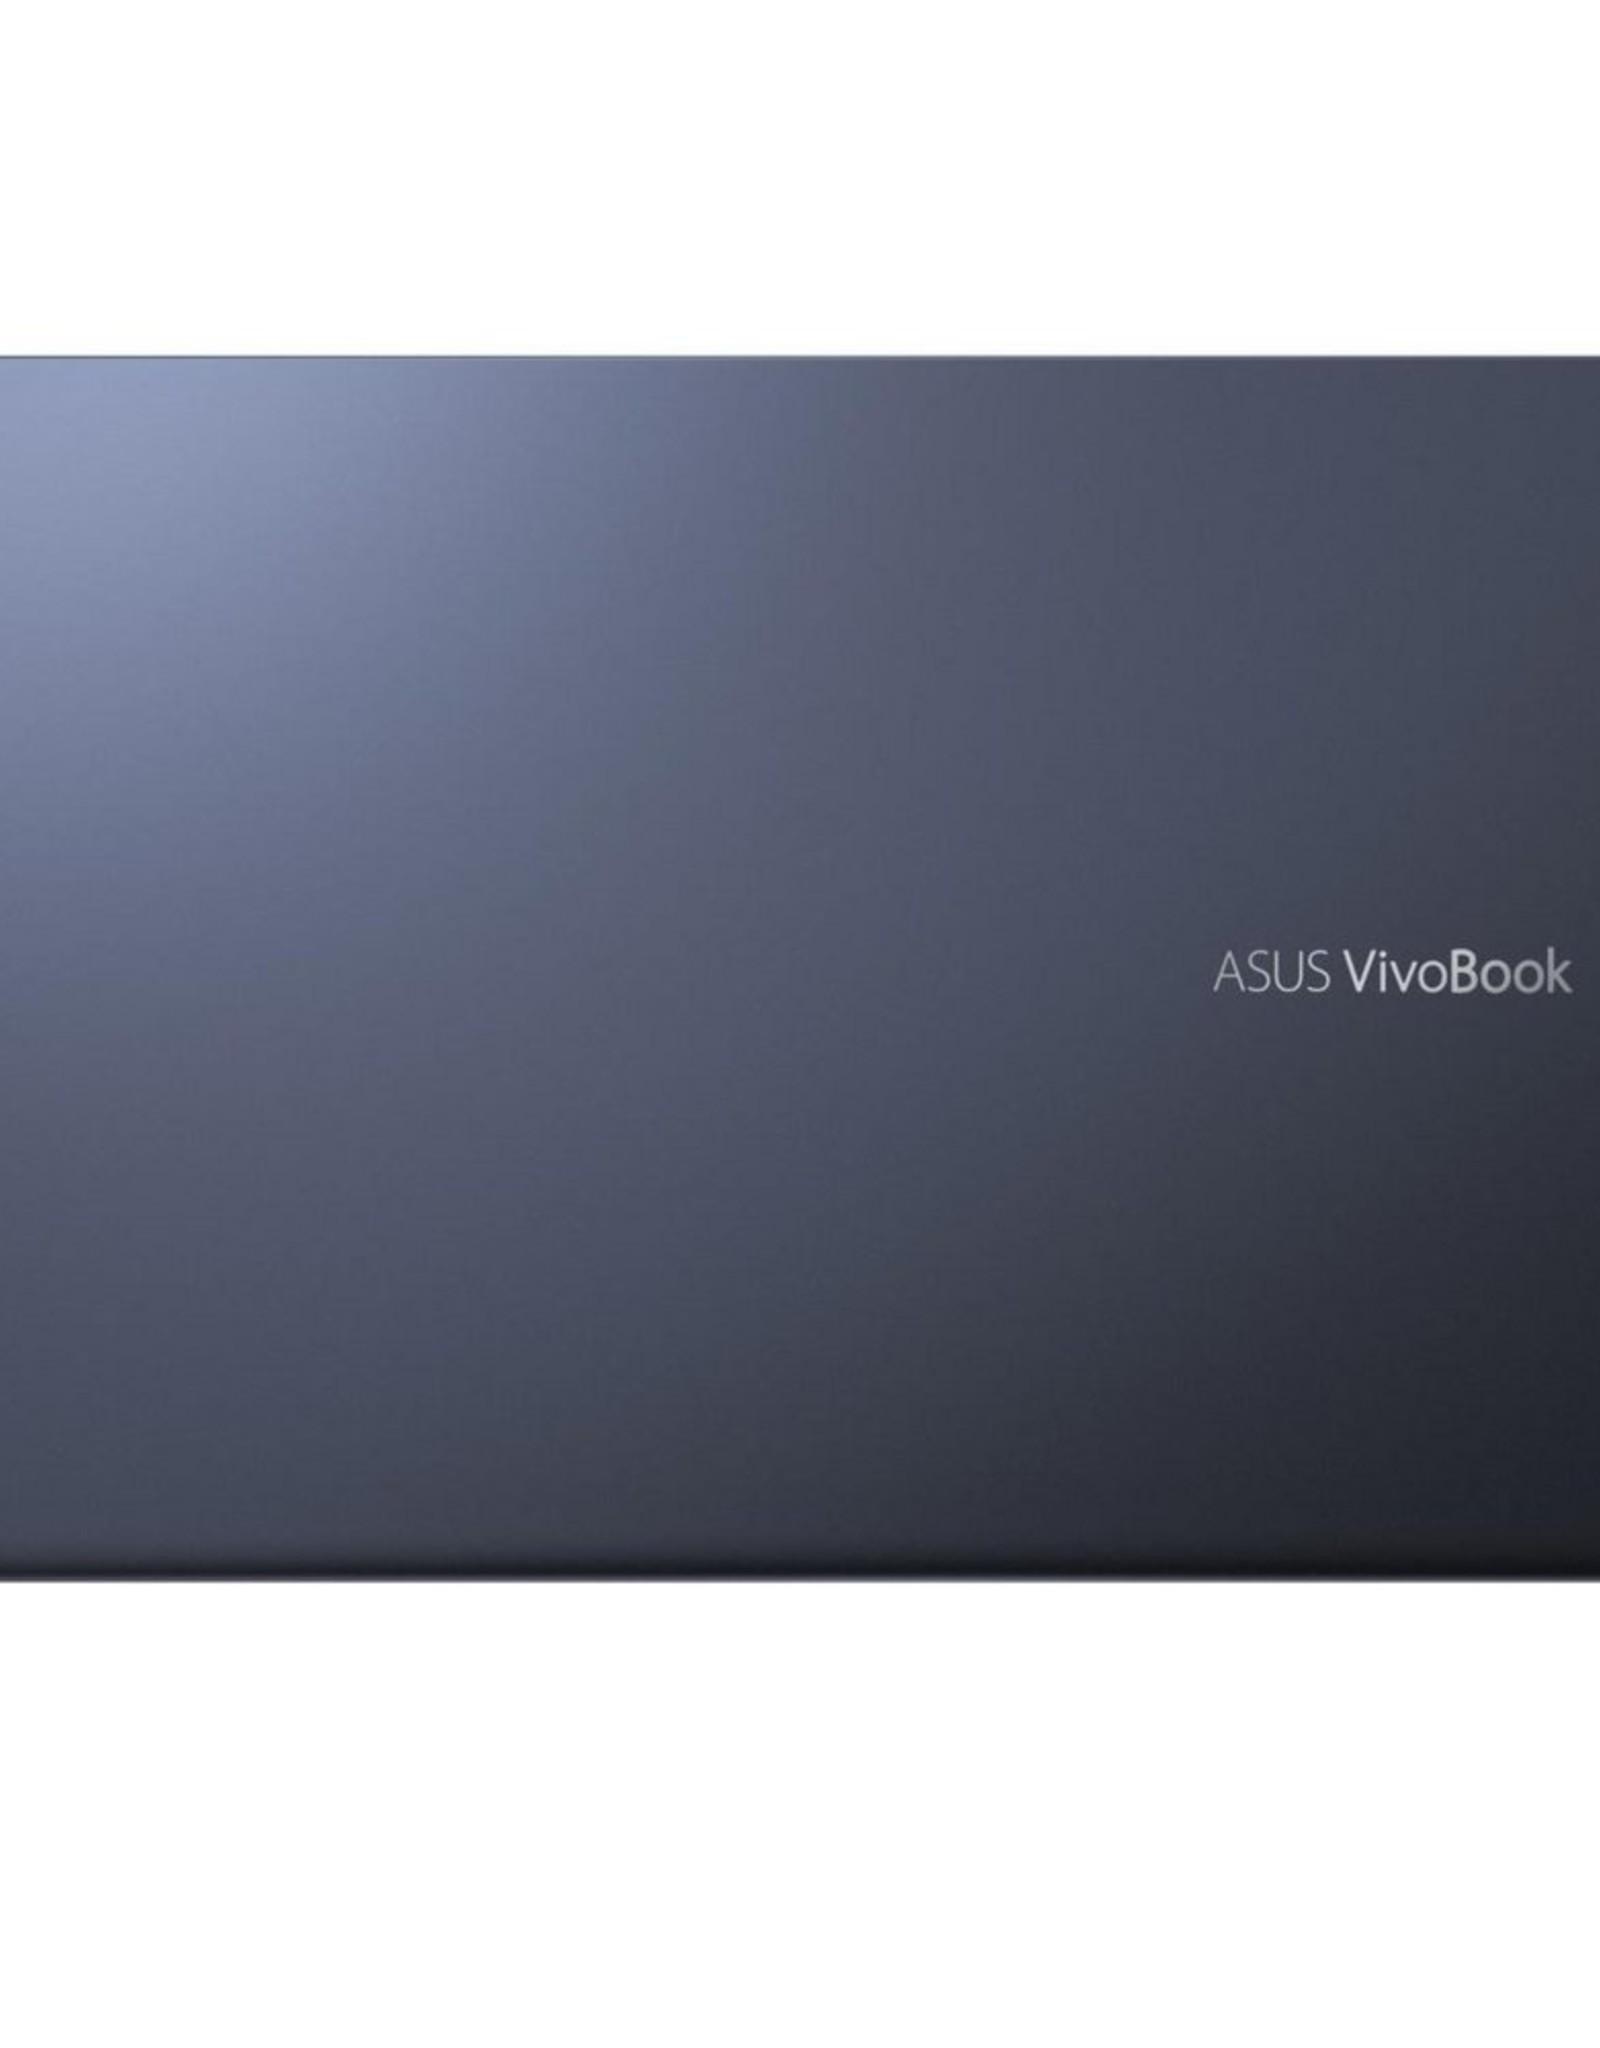 14.0 F-HD Ryzen  7 3700U / 8GB / 256GB / W10H